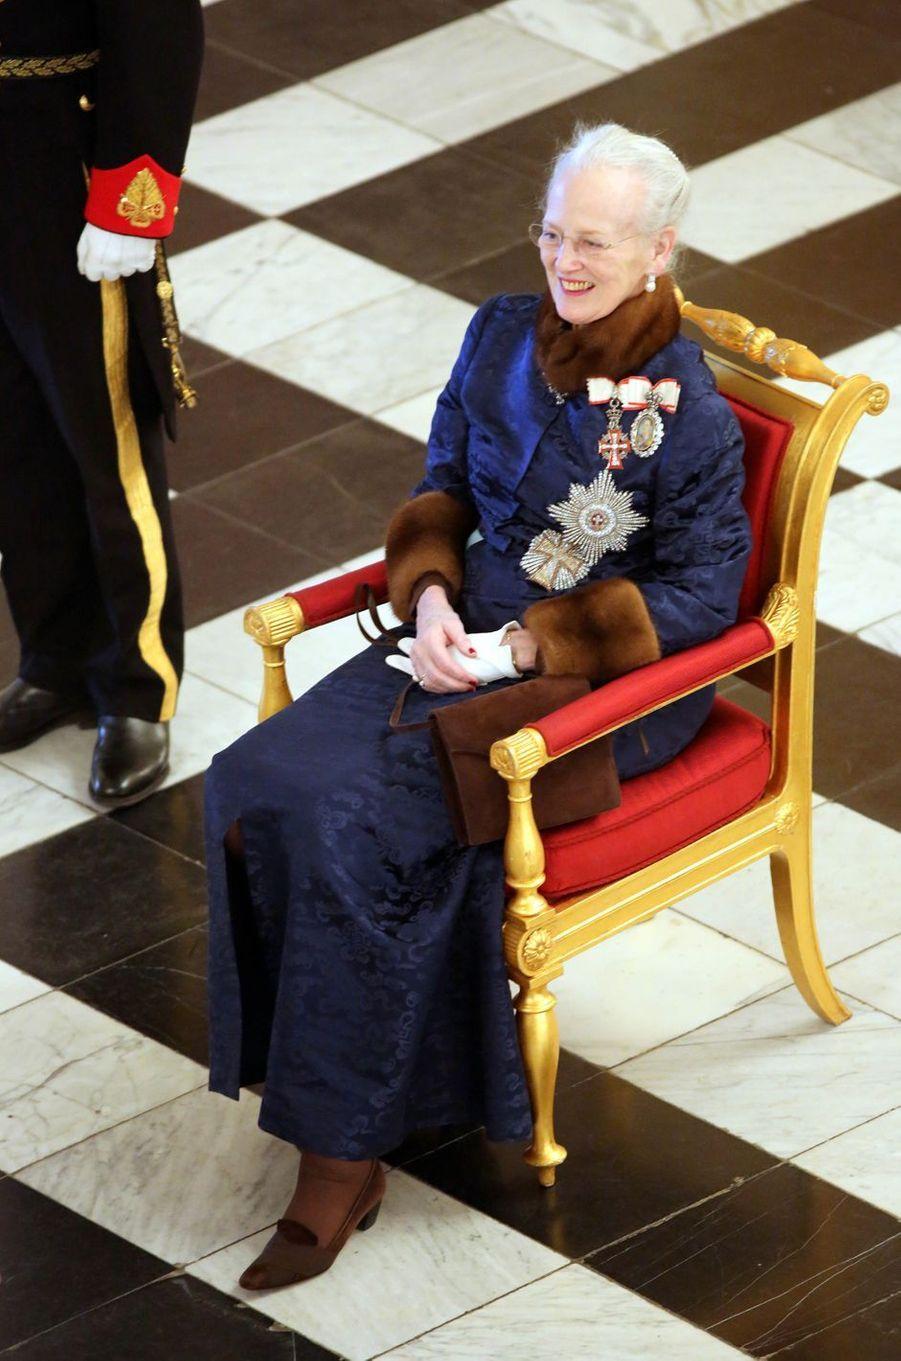 La reine Margrethe II de Danemark à Copenhague, le 2 janvier 2019